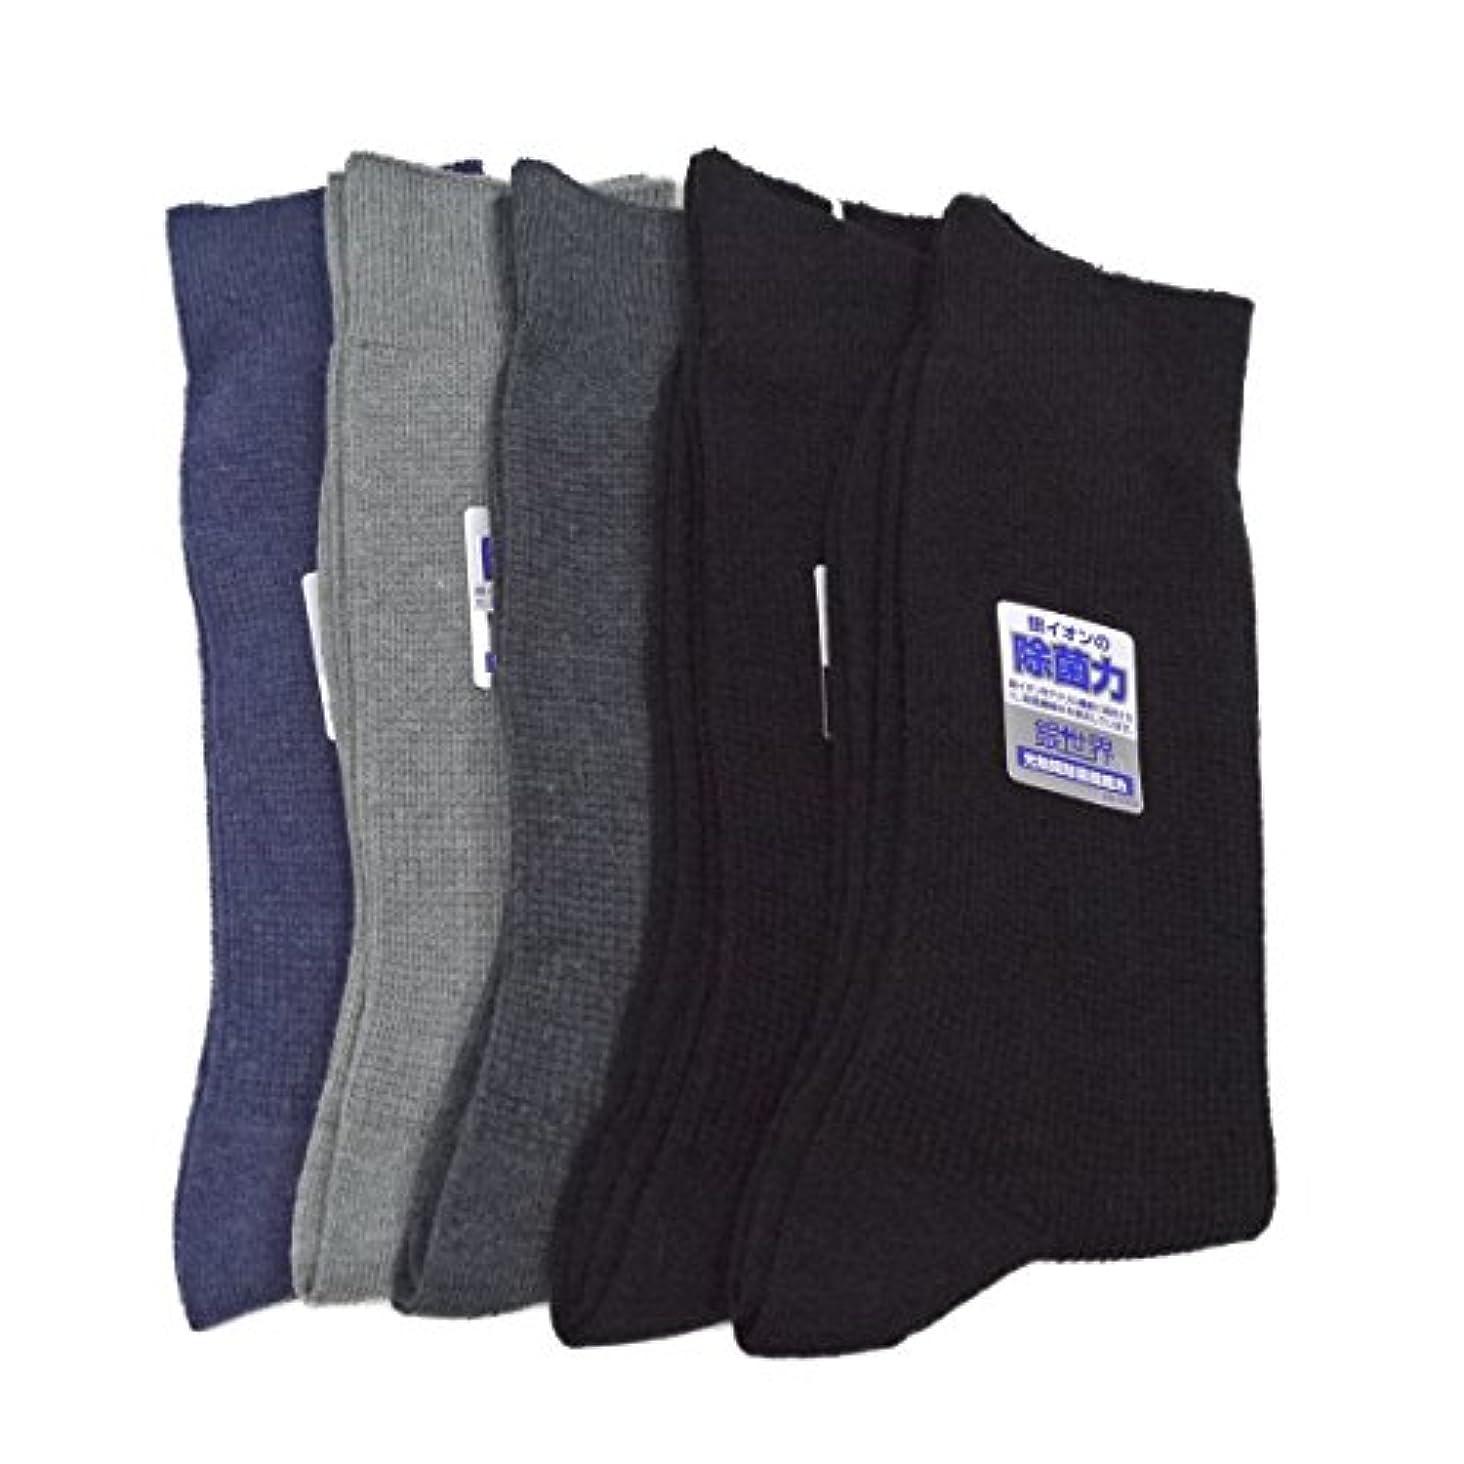 観察するセメント不安東洋紡 銀世界使用 日本製 銀イオンで除菌の靴下 リッチェル柄 アソート セット